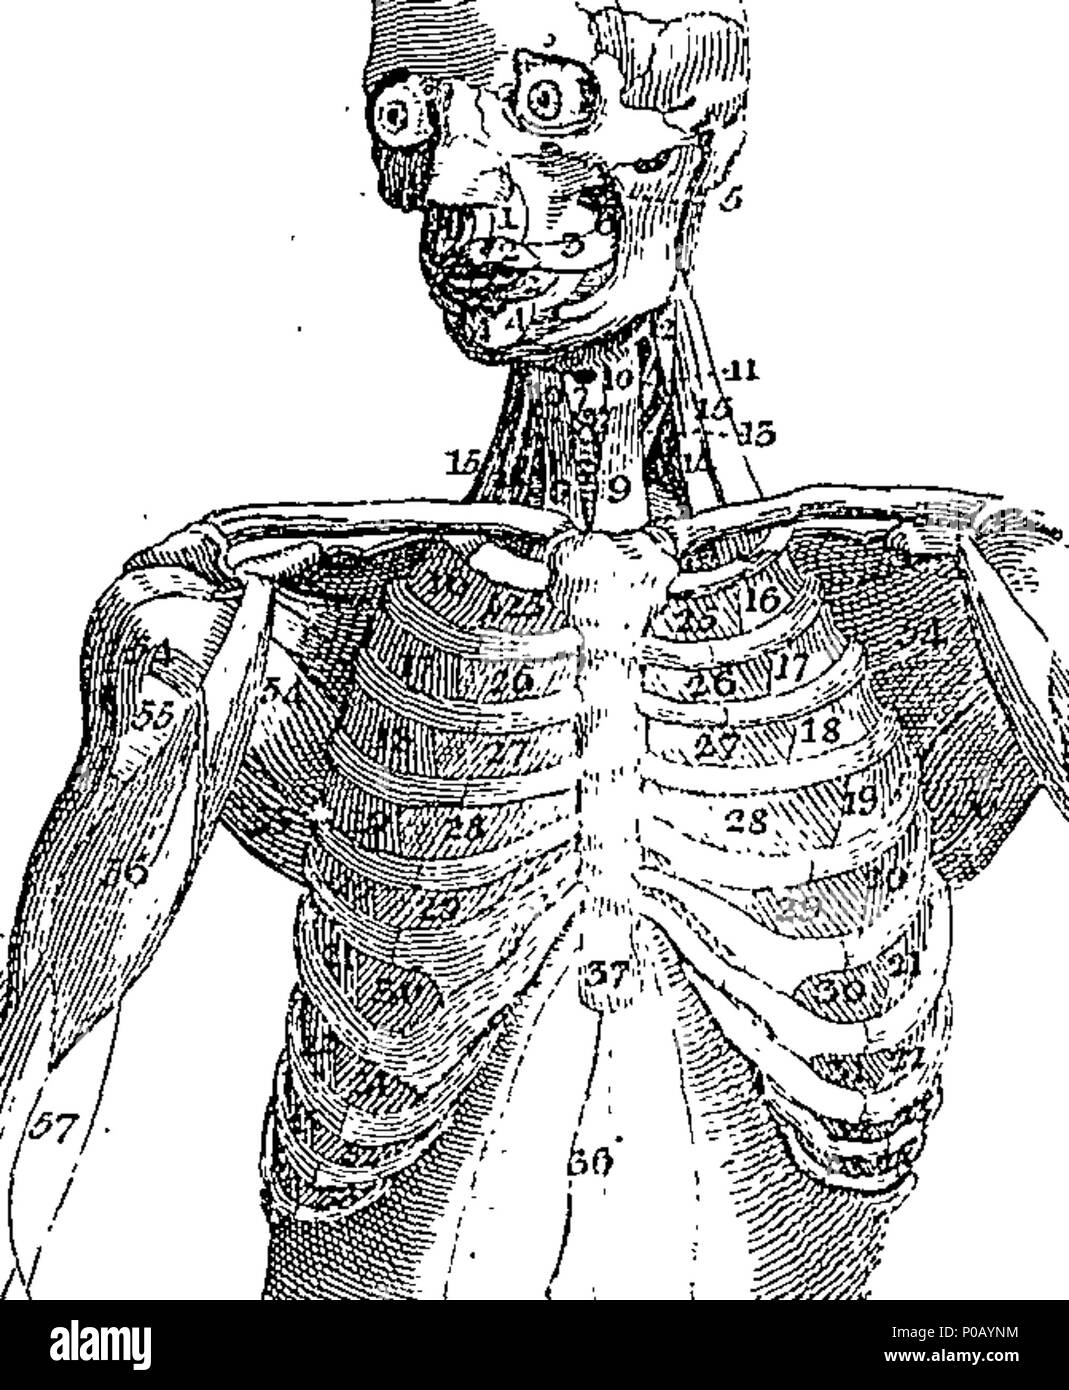 Nett Wörterbuch Der Anatomie Galerie - Anatomie Von Menschlichen ...